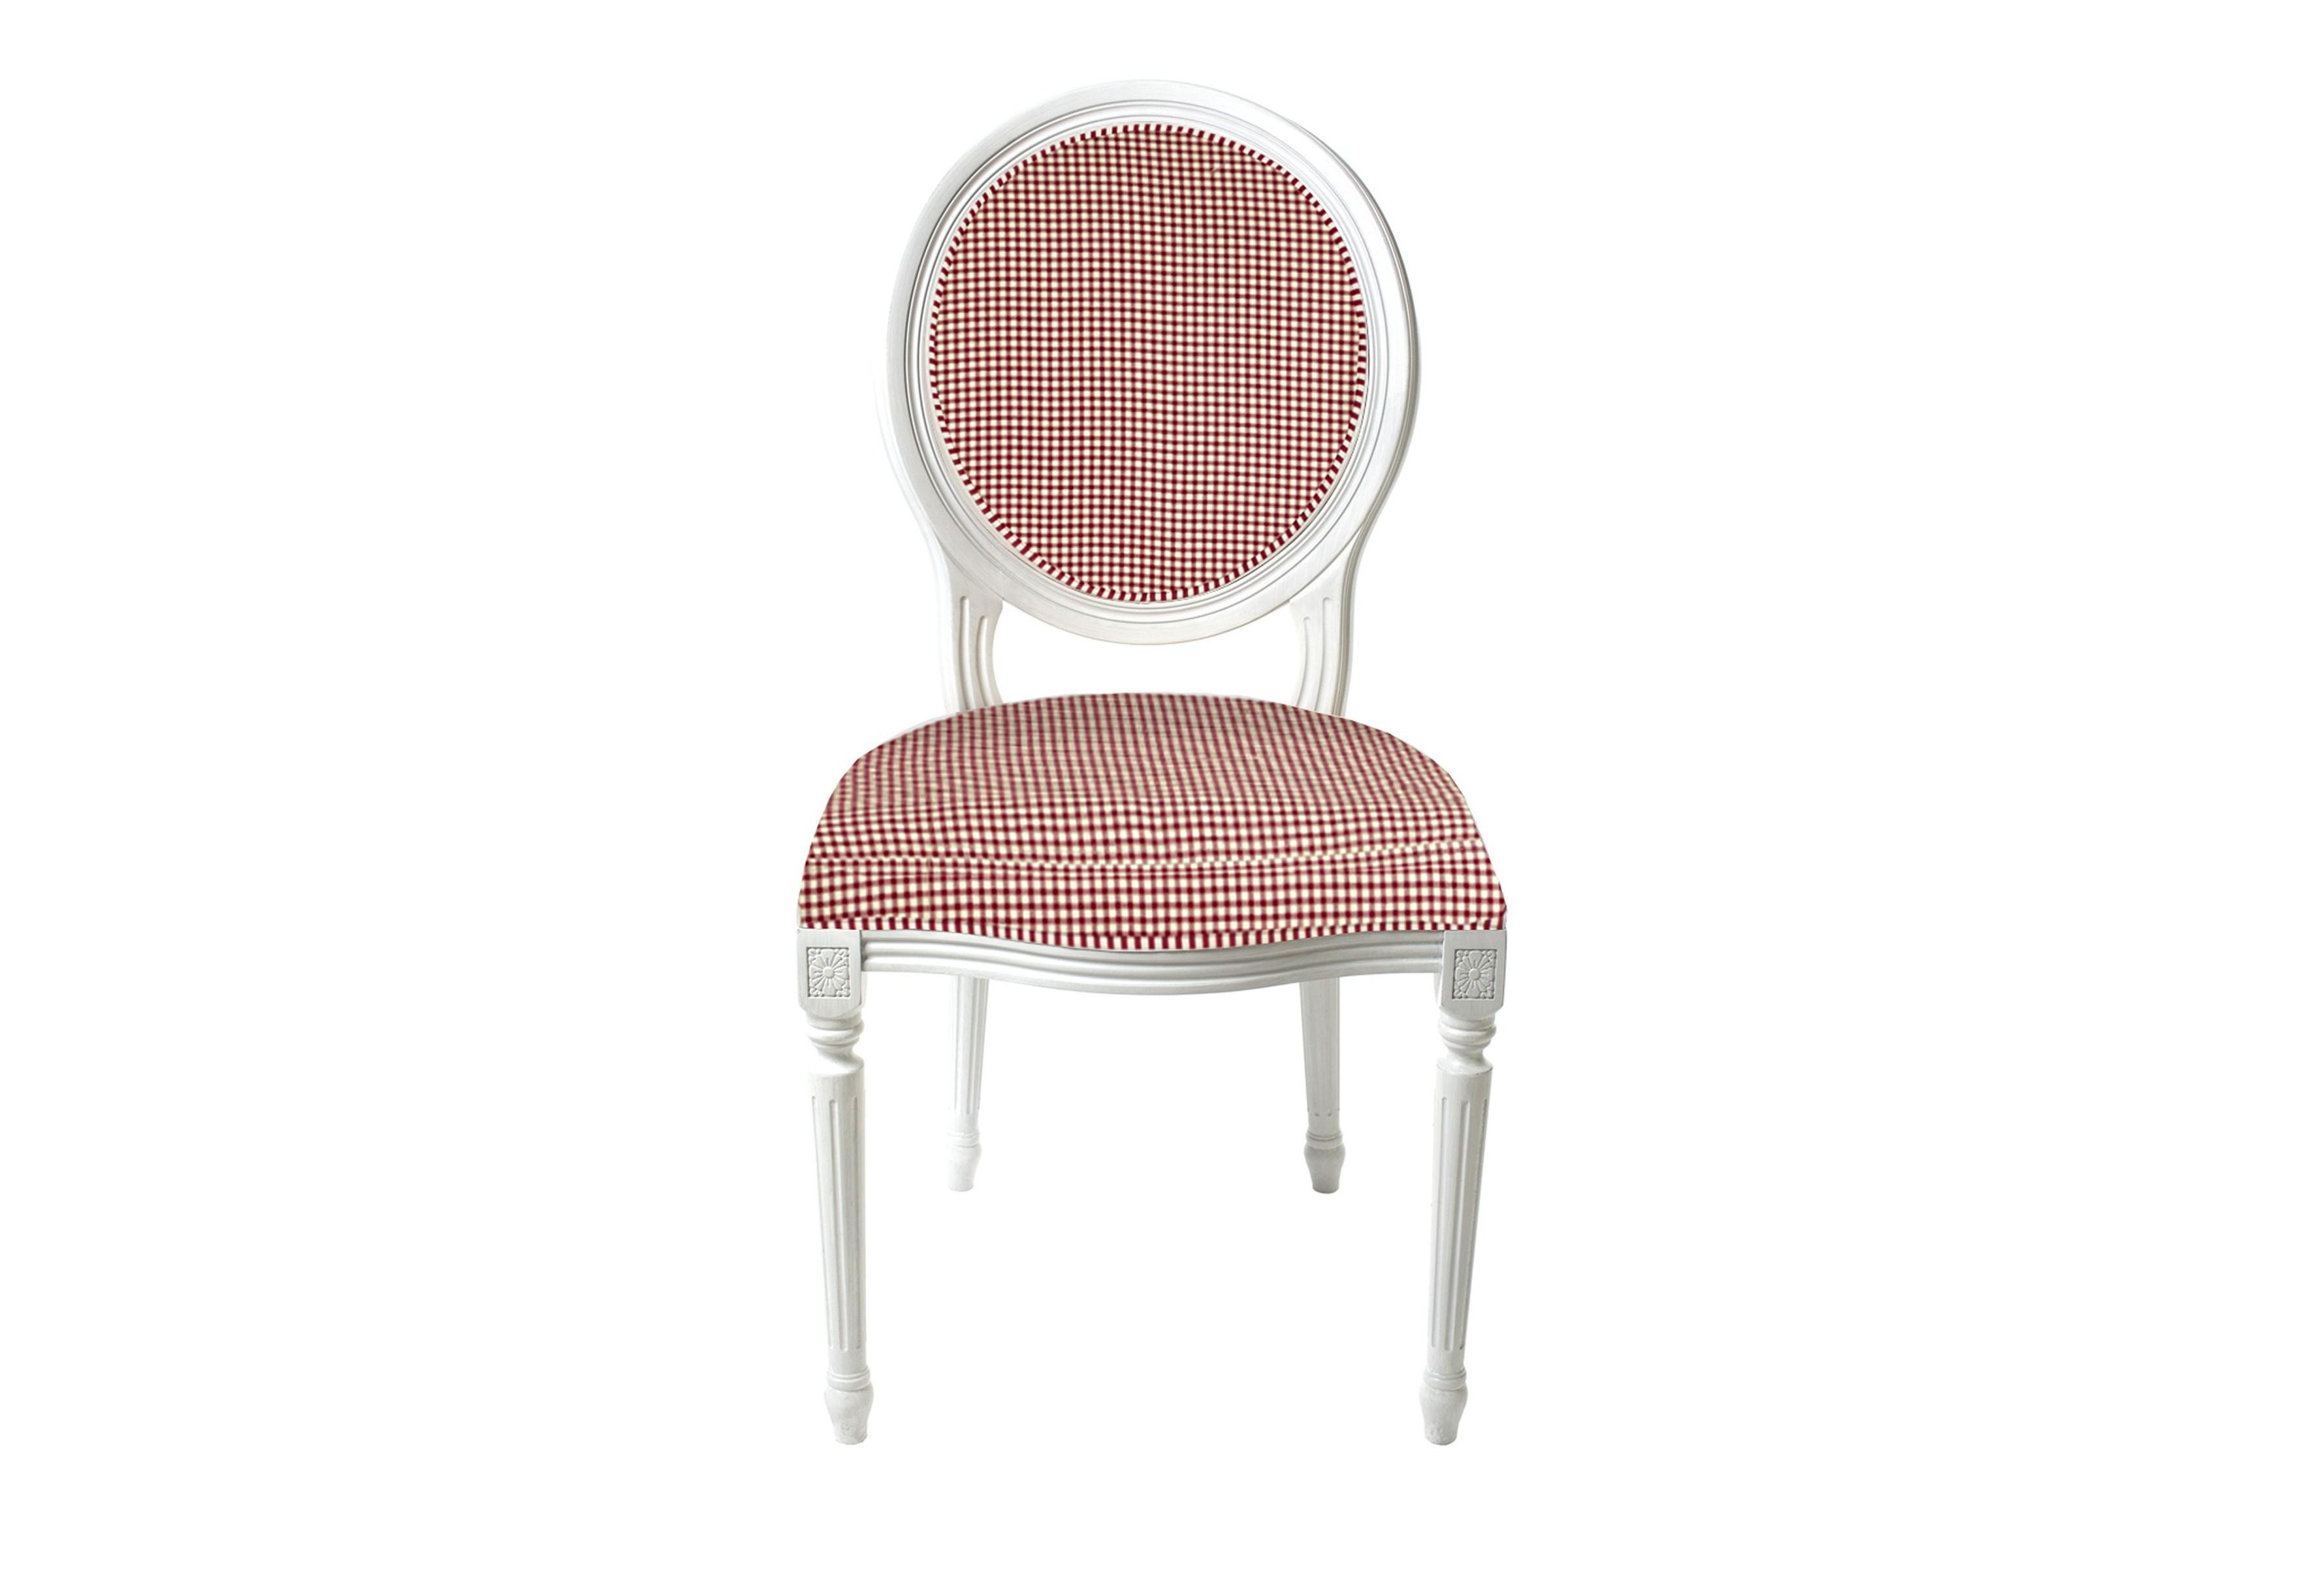 Стул Снежный ПровансОбеденные стулья<br>Белая мебель Прованс для гостиной, спальни, столовой, кабинета отлично впишется в Ваш загородный дом. Белая высококачественная мебель &amp;quot;Снежный Прованс&amp;quot; также может послужить в качестве обстановки детской комнаты подростка. Это функциональная удобная мебель европейского качества. Коллекция изготовлена из массива бука (каркасы и точеные элементы мебели) и из высококачественного МДФ (филенчатые части) и соответствует немецким стандартам для детской мебели.<br><br>Material: Дерево<br>Ширина см: 50<br>Высота см: 96<br>Глубина см: 50